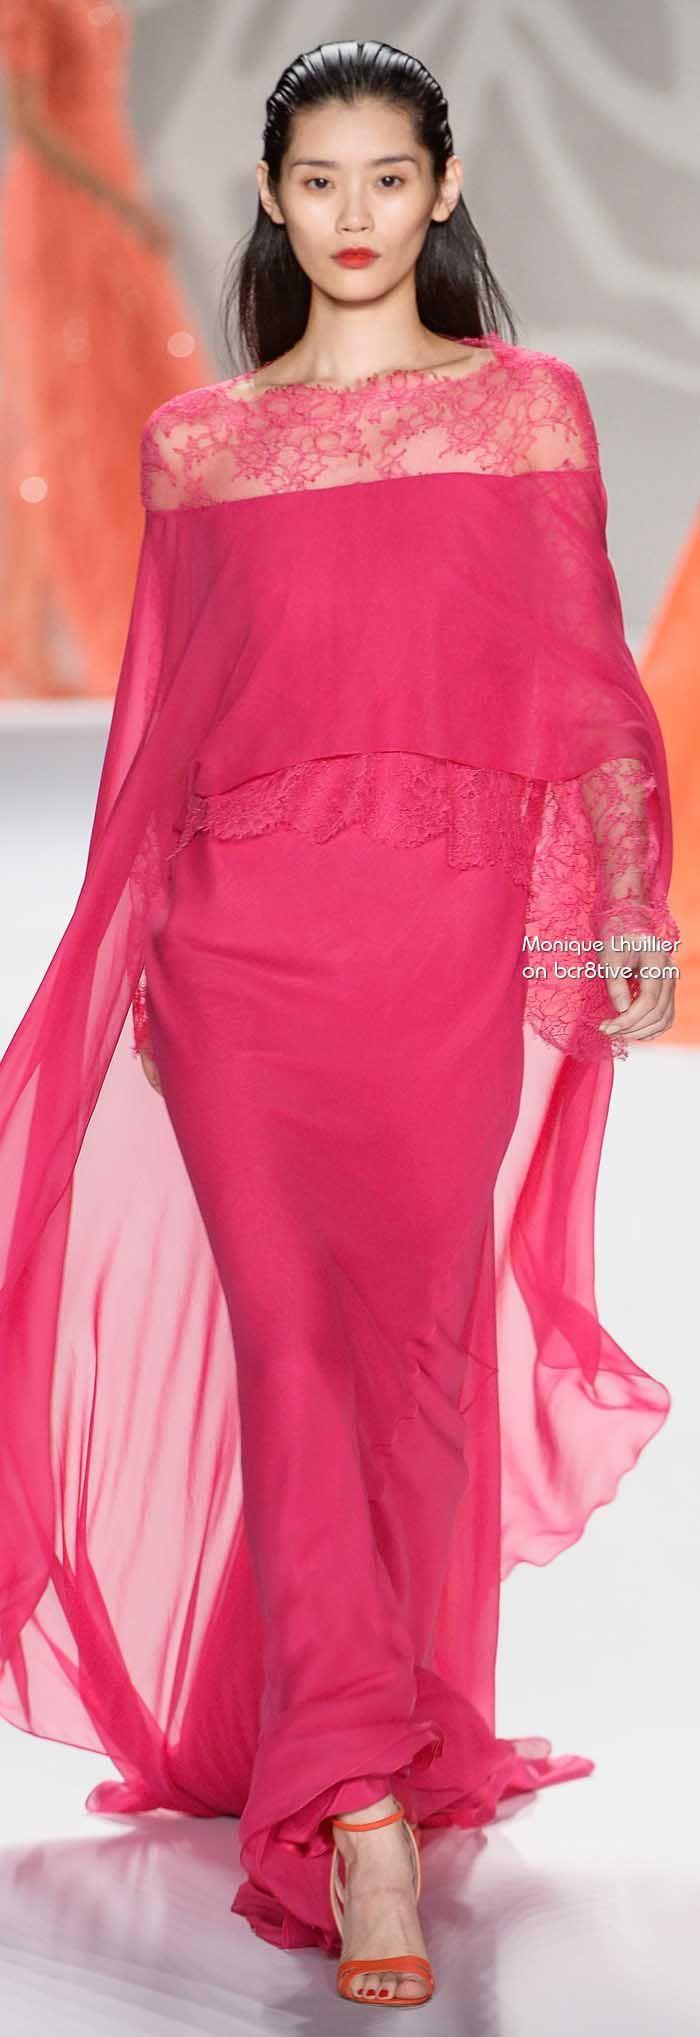 Monique Lhuillier Spring 2014 | Vestidos de alta costura, Couture y ...